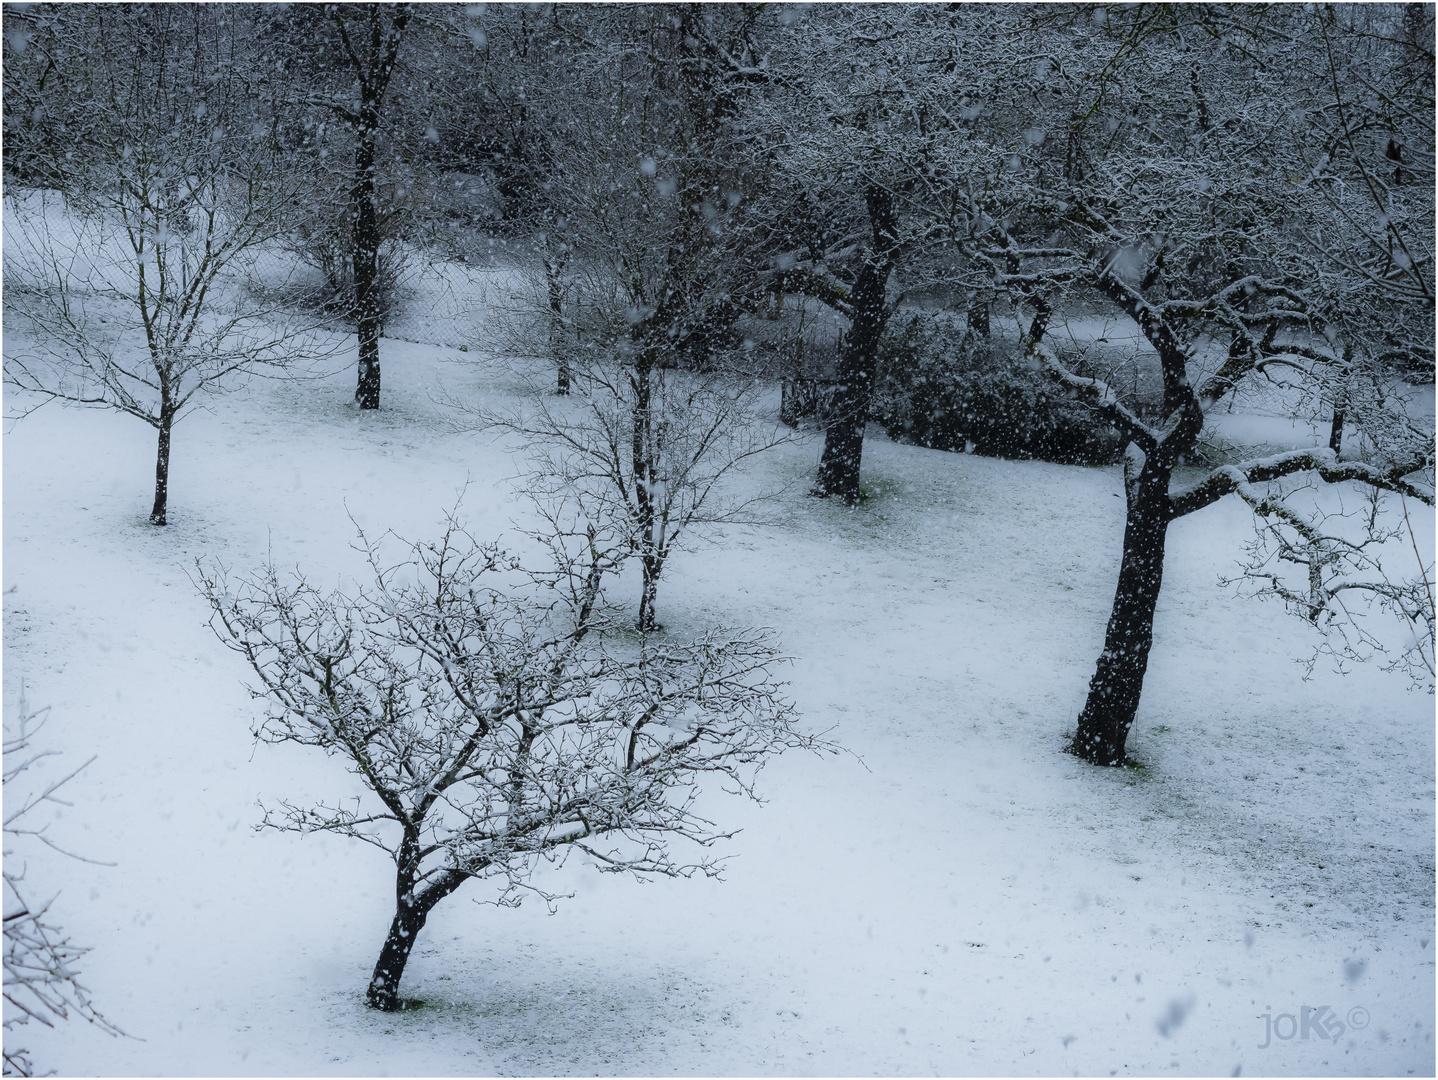 Das Wetter Heute Foto Bild Wetter Natur Bäume Bilder Auf